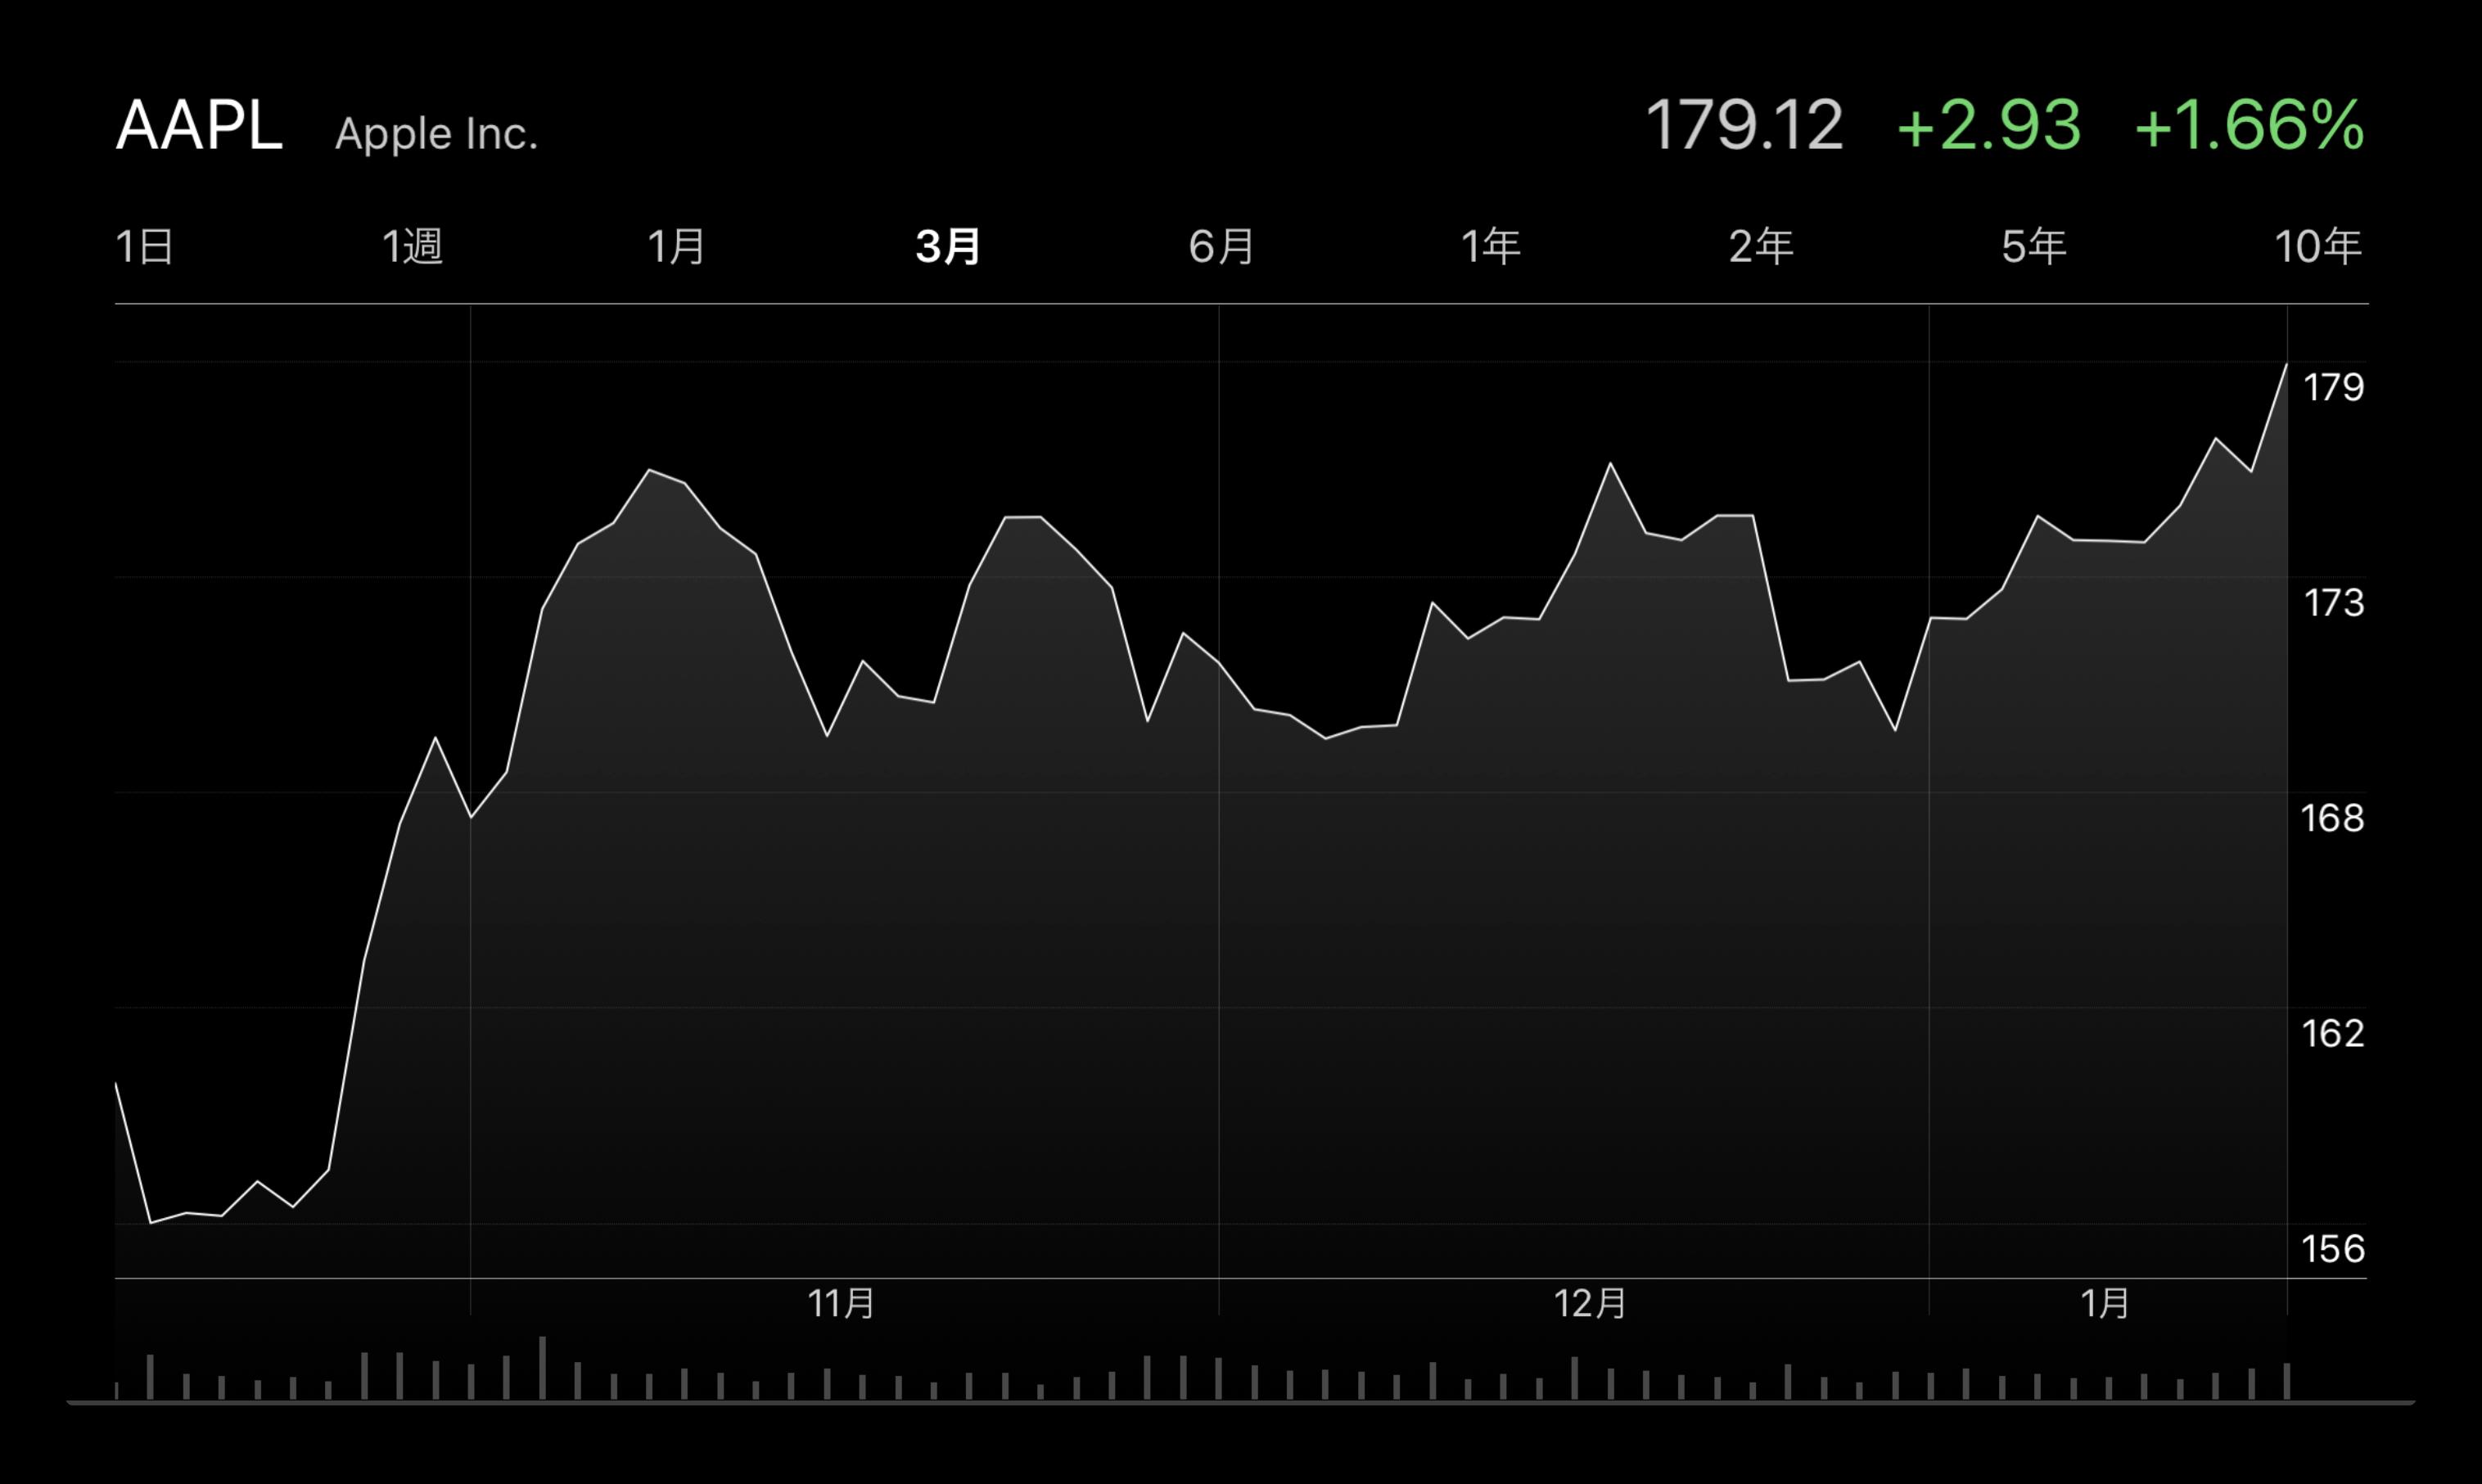 バンク・オブ・アメリカは、Appleの市場価値が1.1兆ドルに急上昇すると予測している